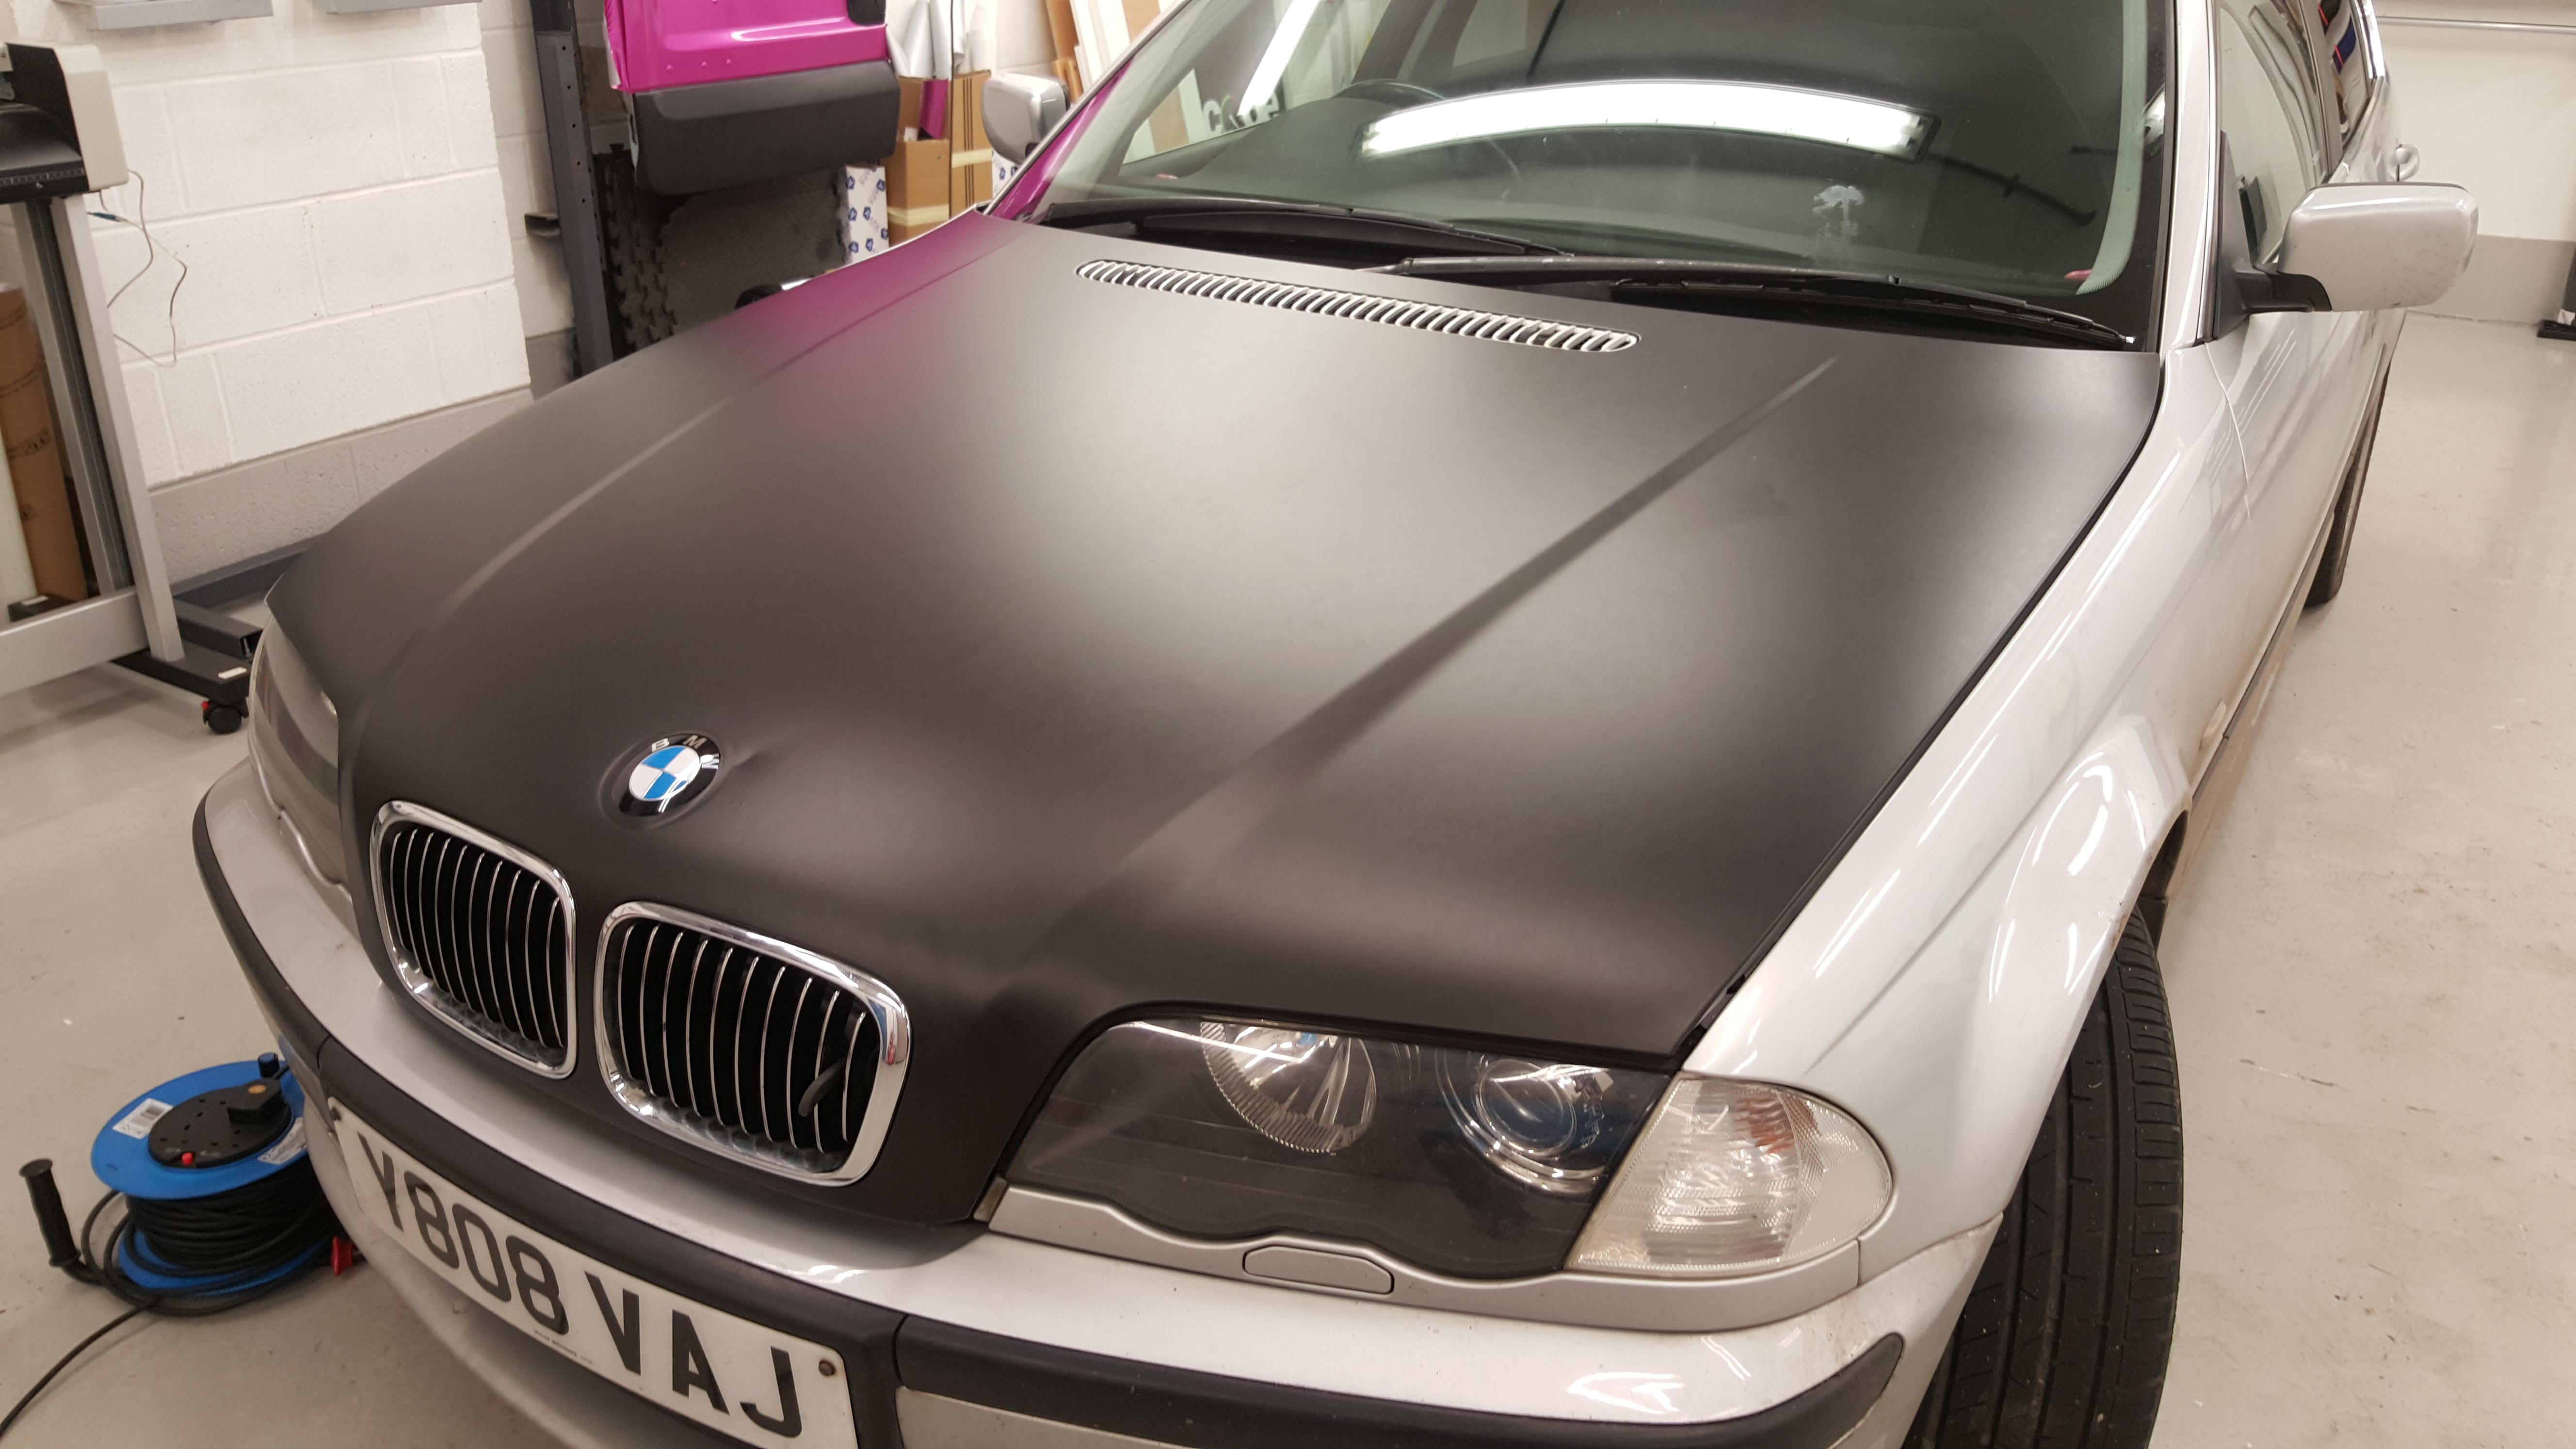 Bonnet wrapping (matt black)